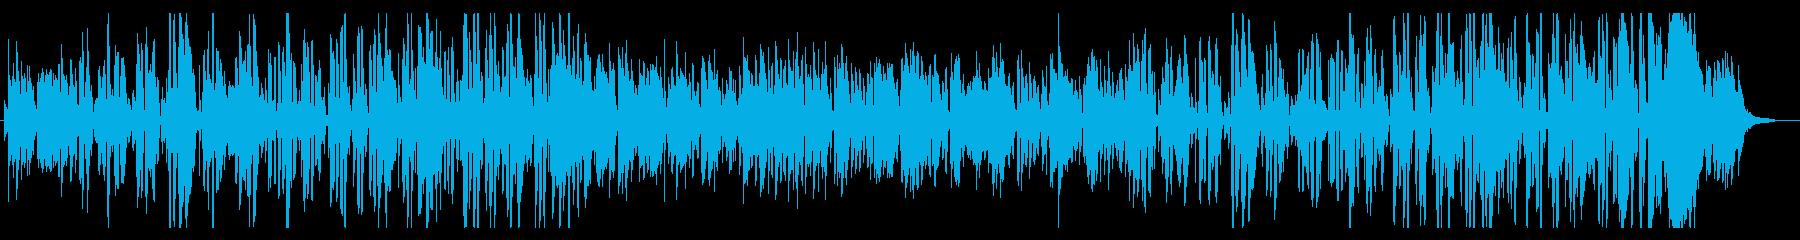 ジングルベルおしゃれなプロジャズシンガーの再生済みの波形